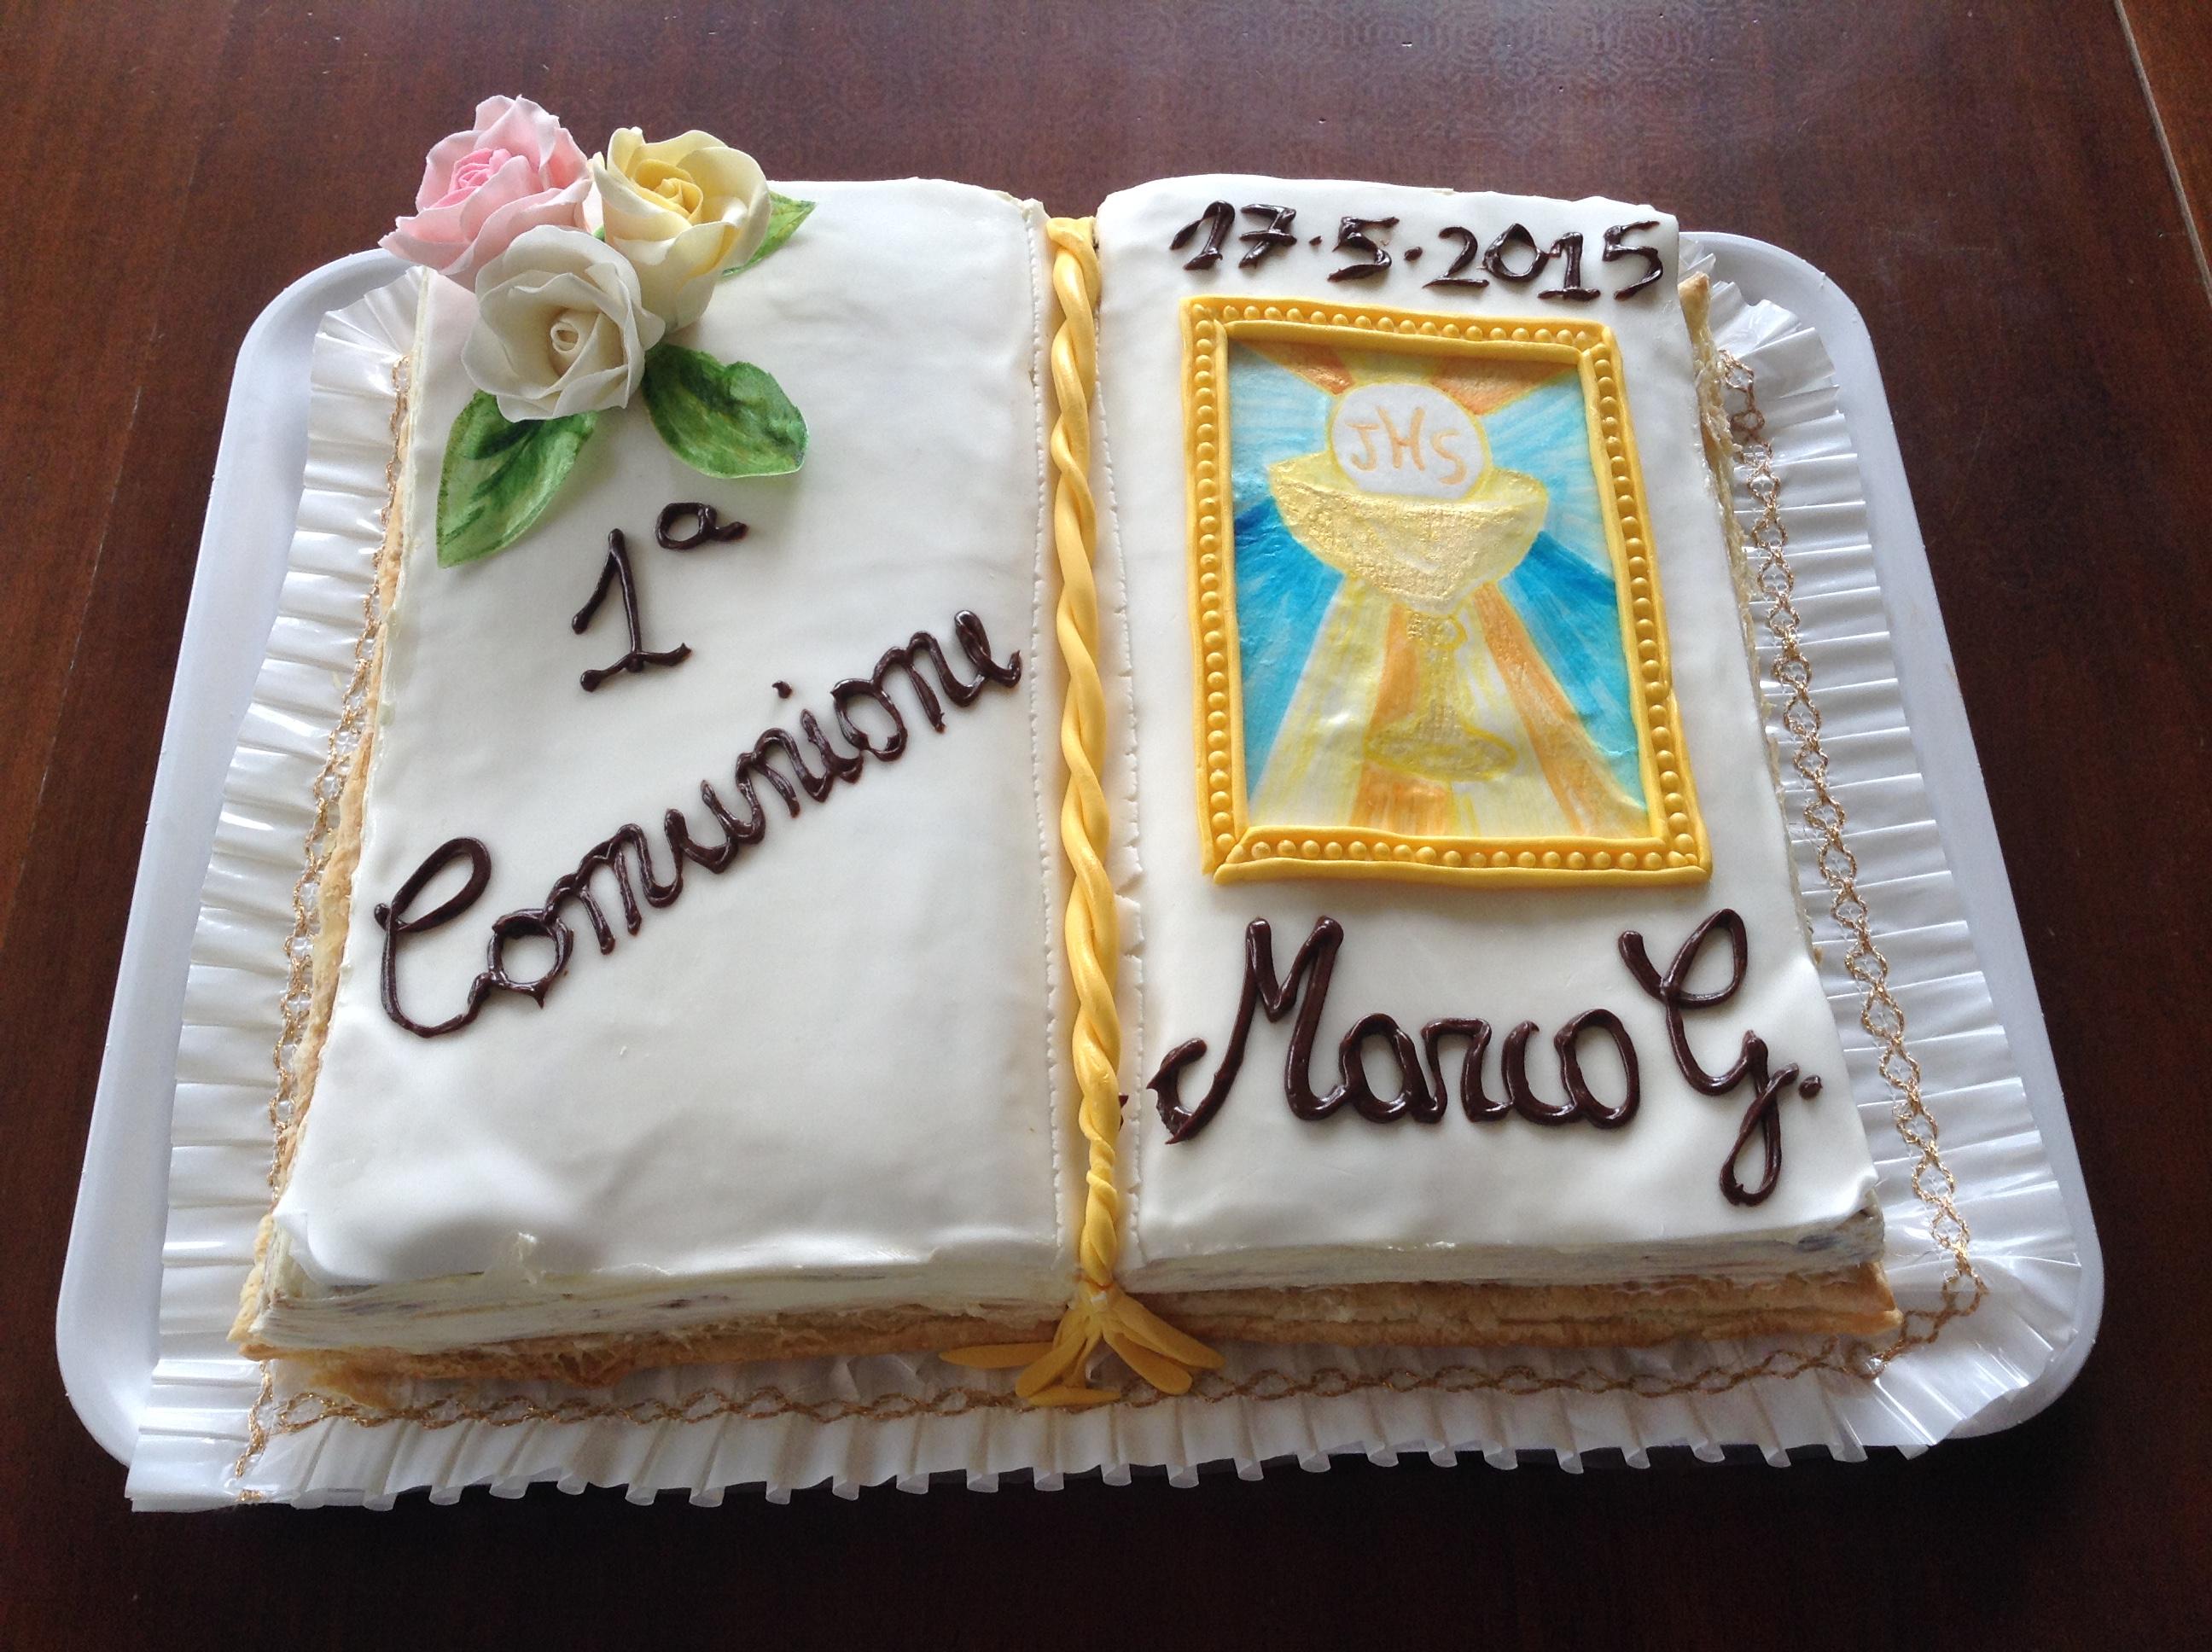 Eccezionale torta Prima Comunione | tortestorte cakes OA19